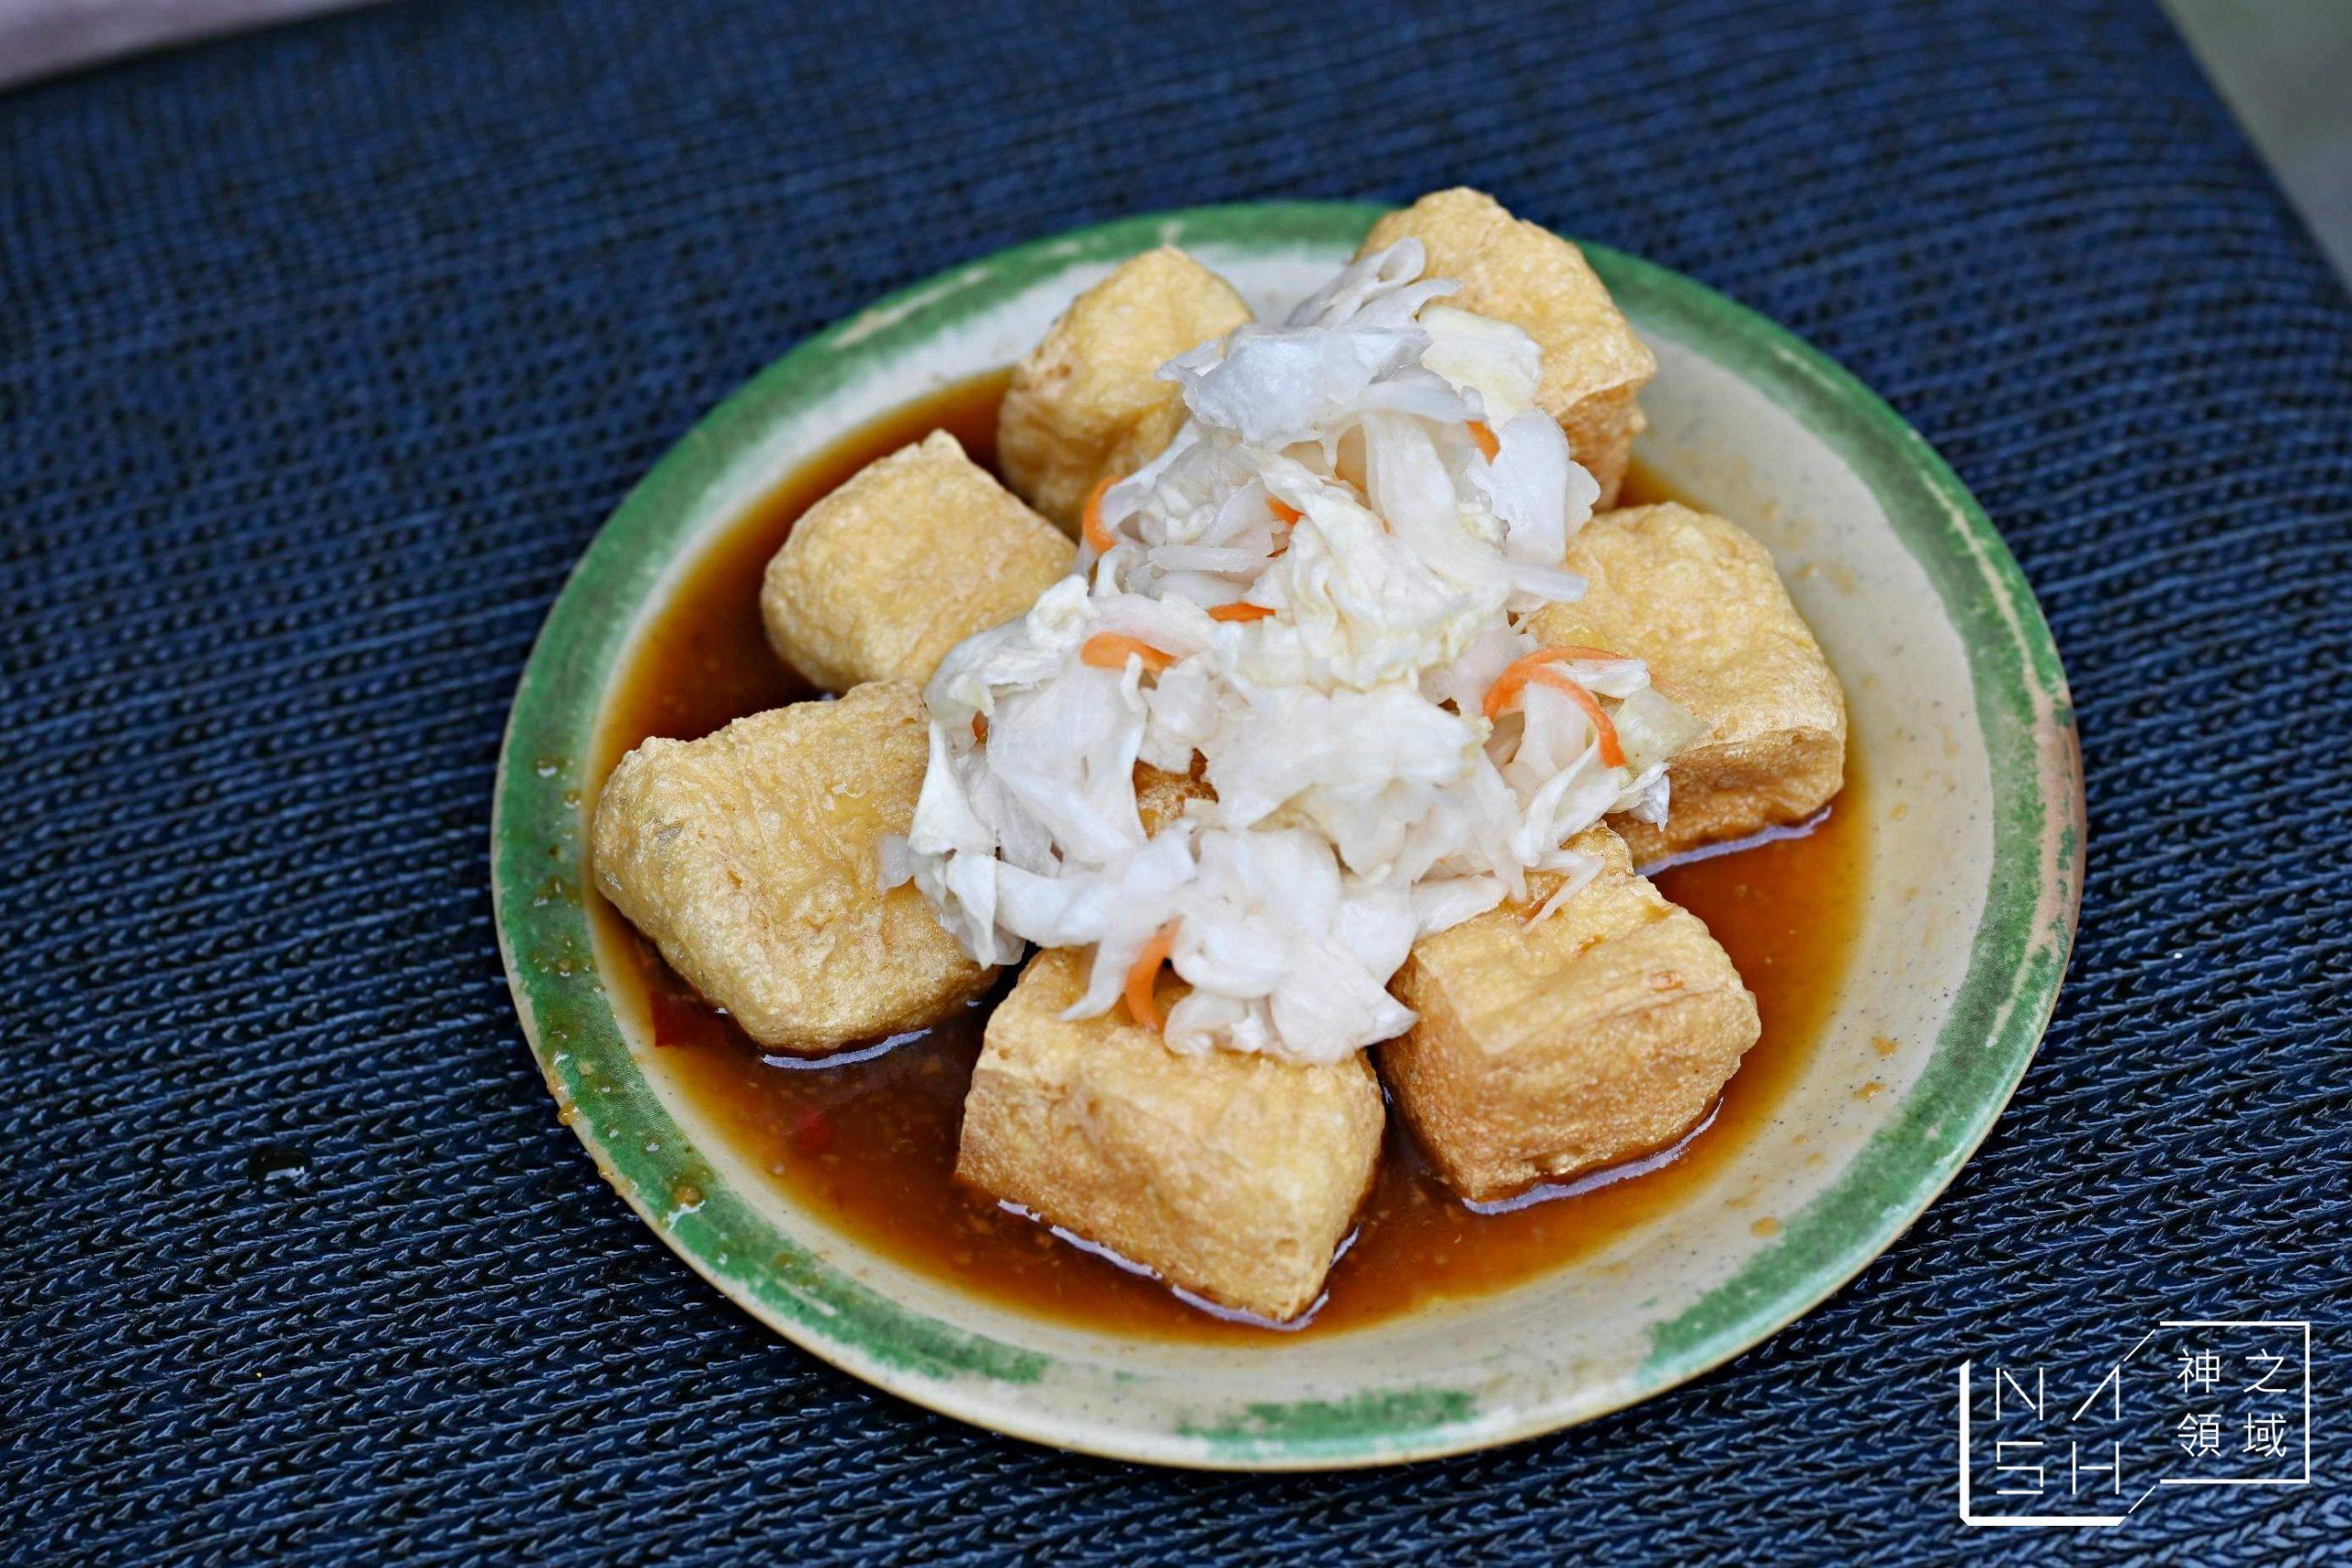 臭媽媽臭豆腐